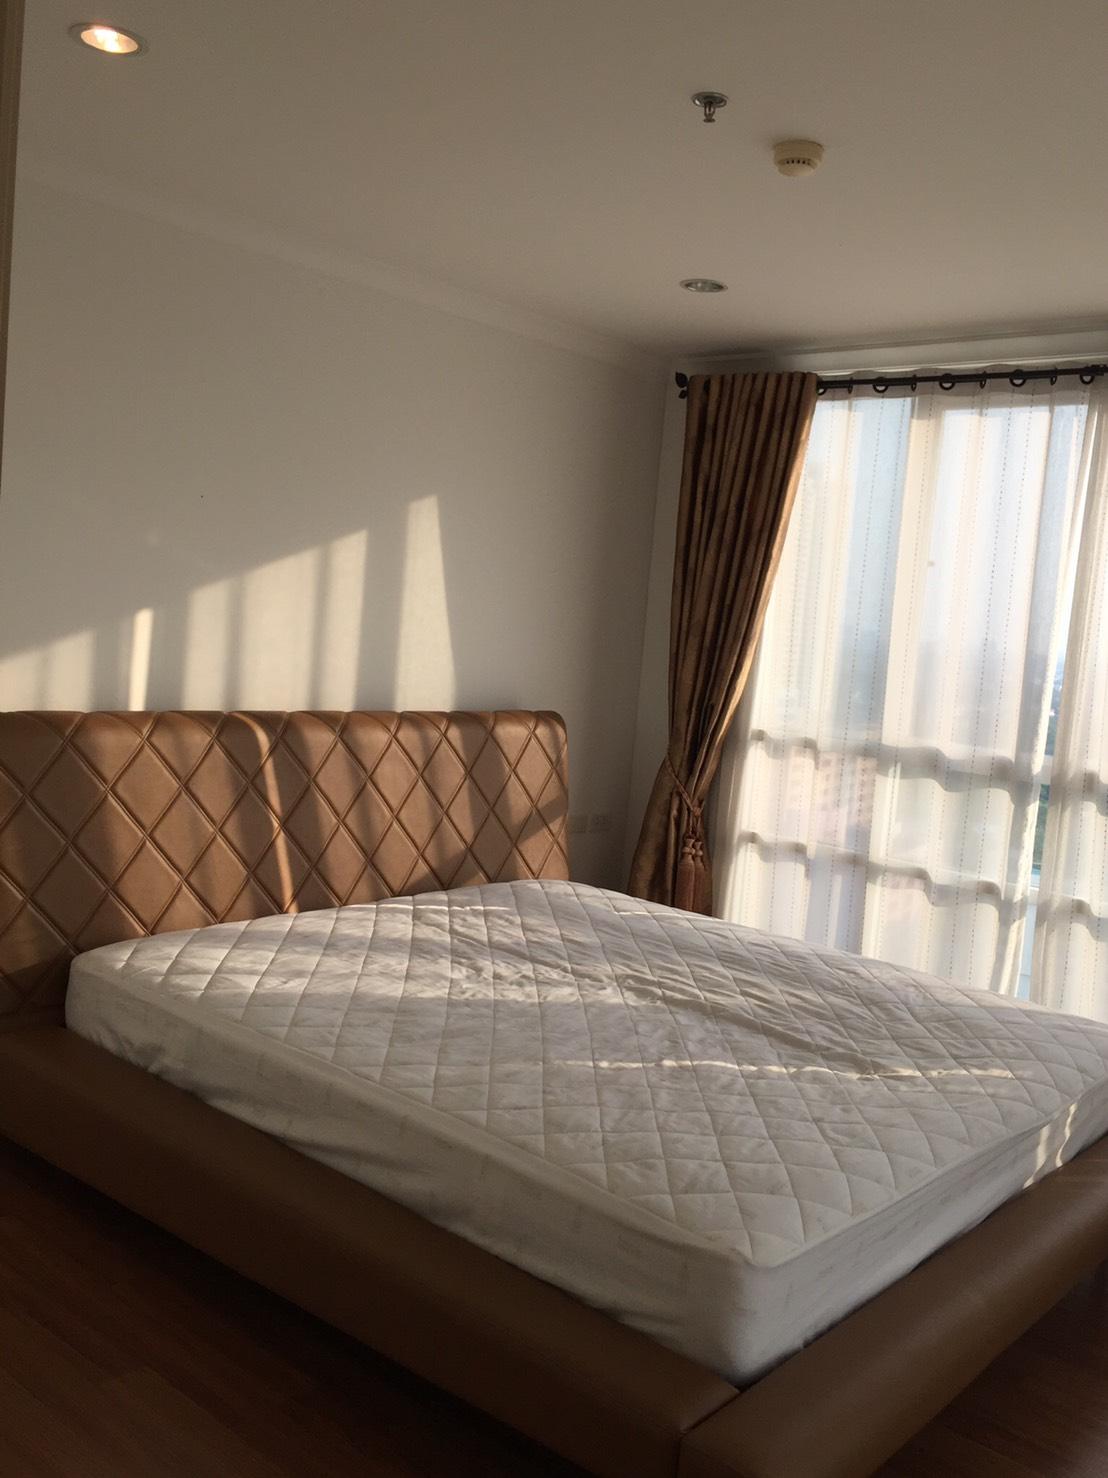 ภาพคอนโดต้องการขาย ลุมพินี สวีท ปิ่นเกล้า   สมเด็จพระปิ่นเกล้า  บางยี่ขัน บางพลัด 2 ห้องนอน